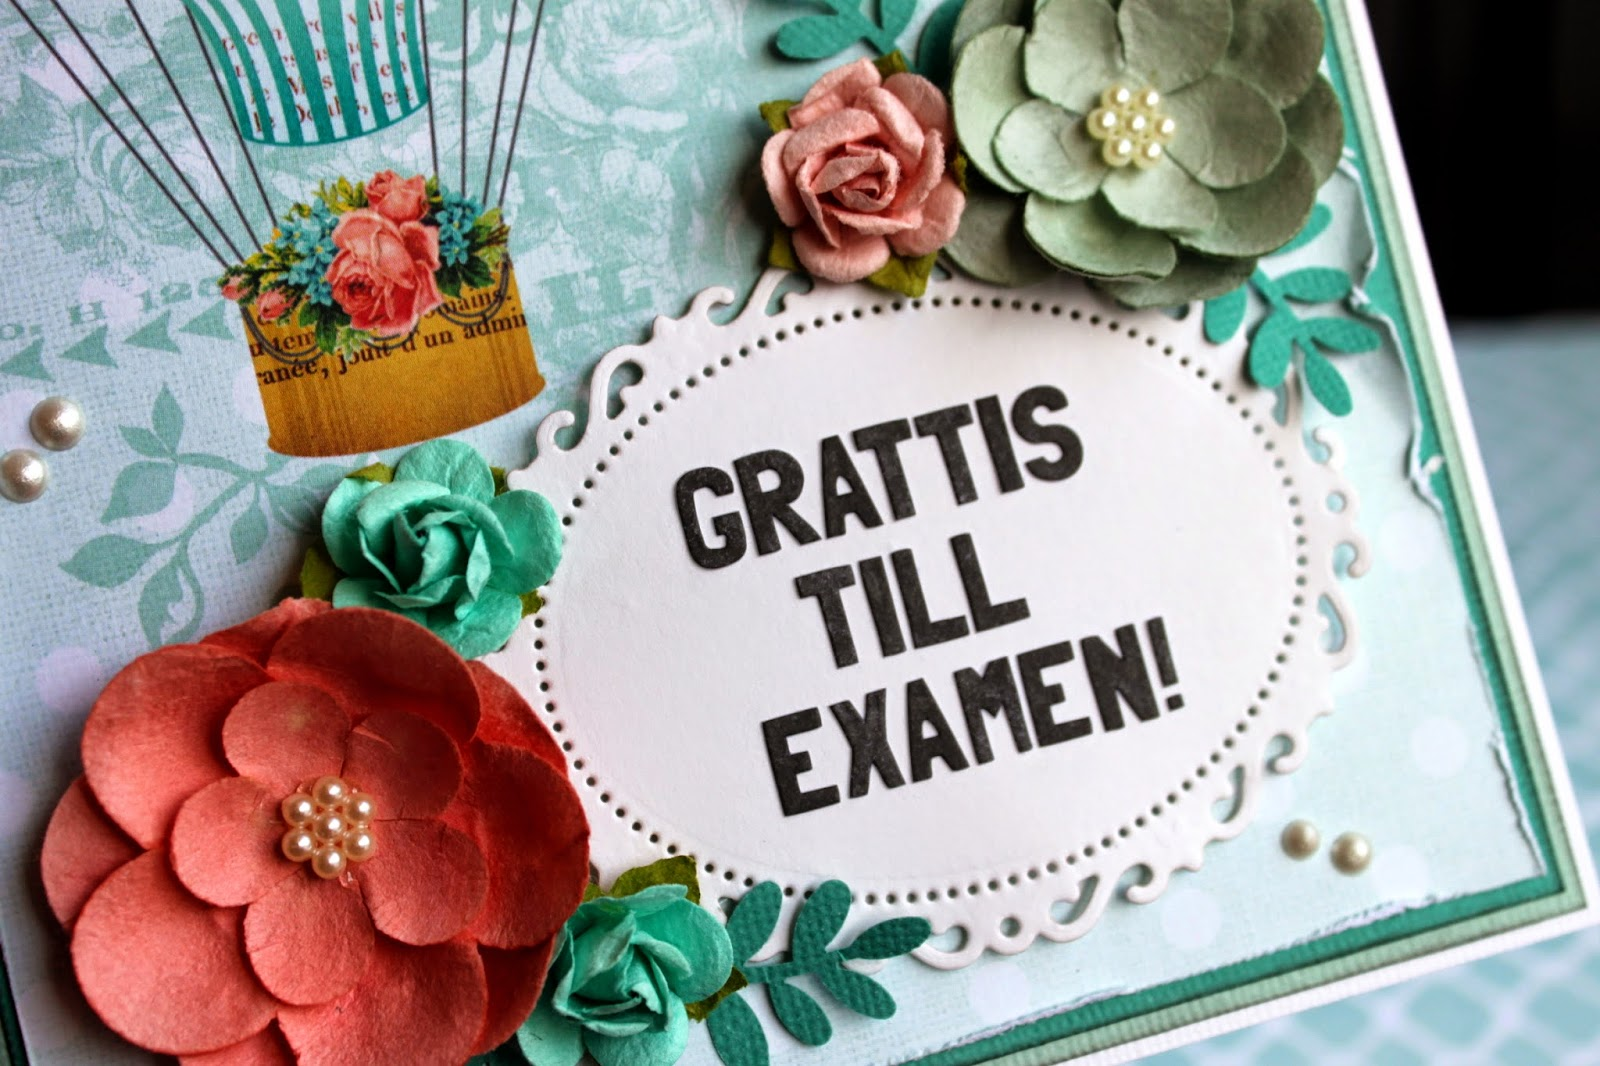 grattis till examen hemma hos ulrika: Grattis till examen grattis till examen